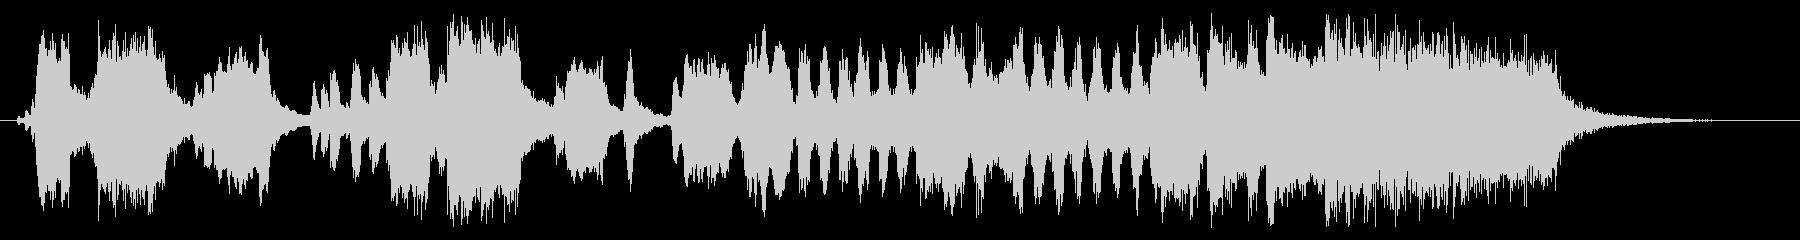 競馬のファンファーレ風のジングルの未再生の波形